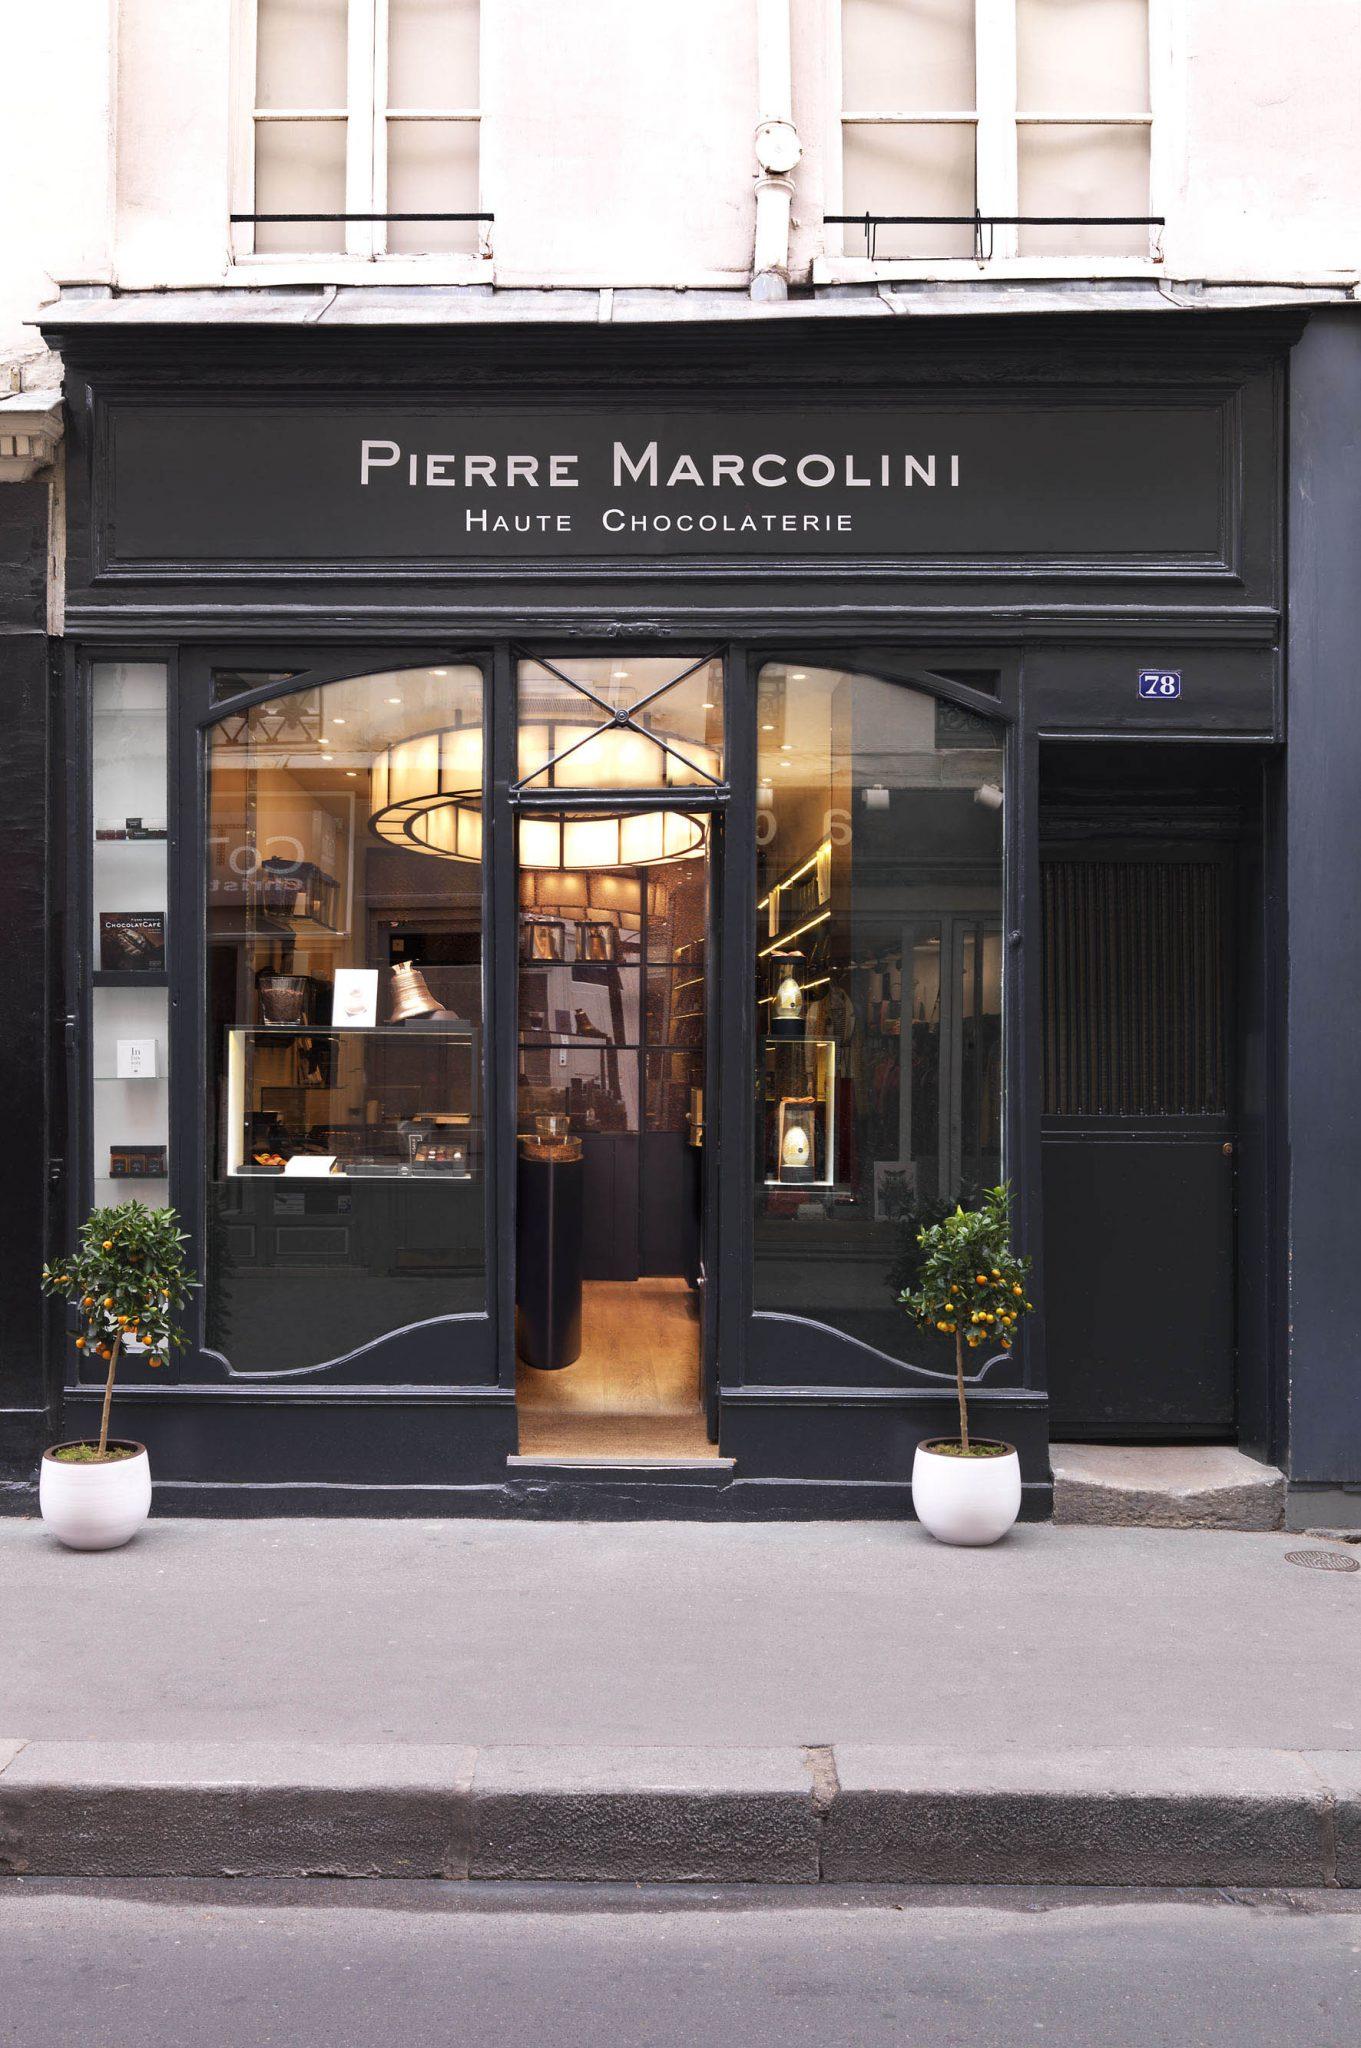 Pierre marcolini ouvre un nouveau temple du chocolat for Magasin deco exterieur